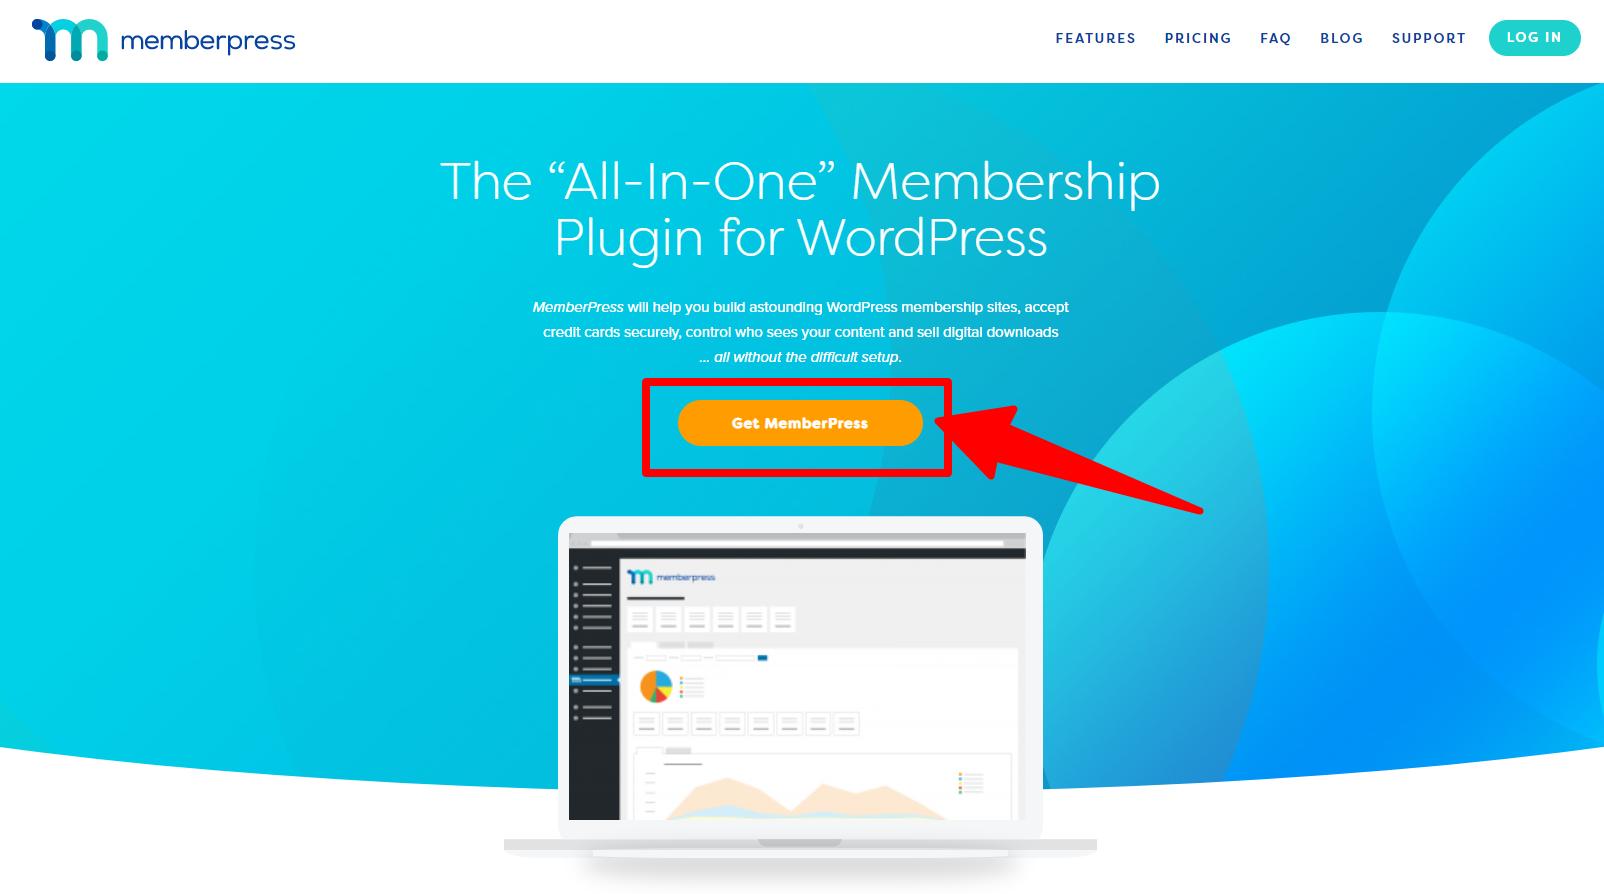 Memberpress Review - All-in-One Plugin